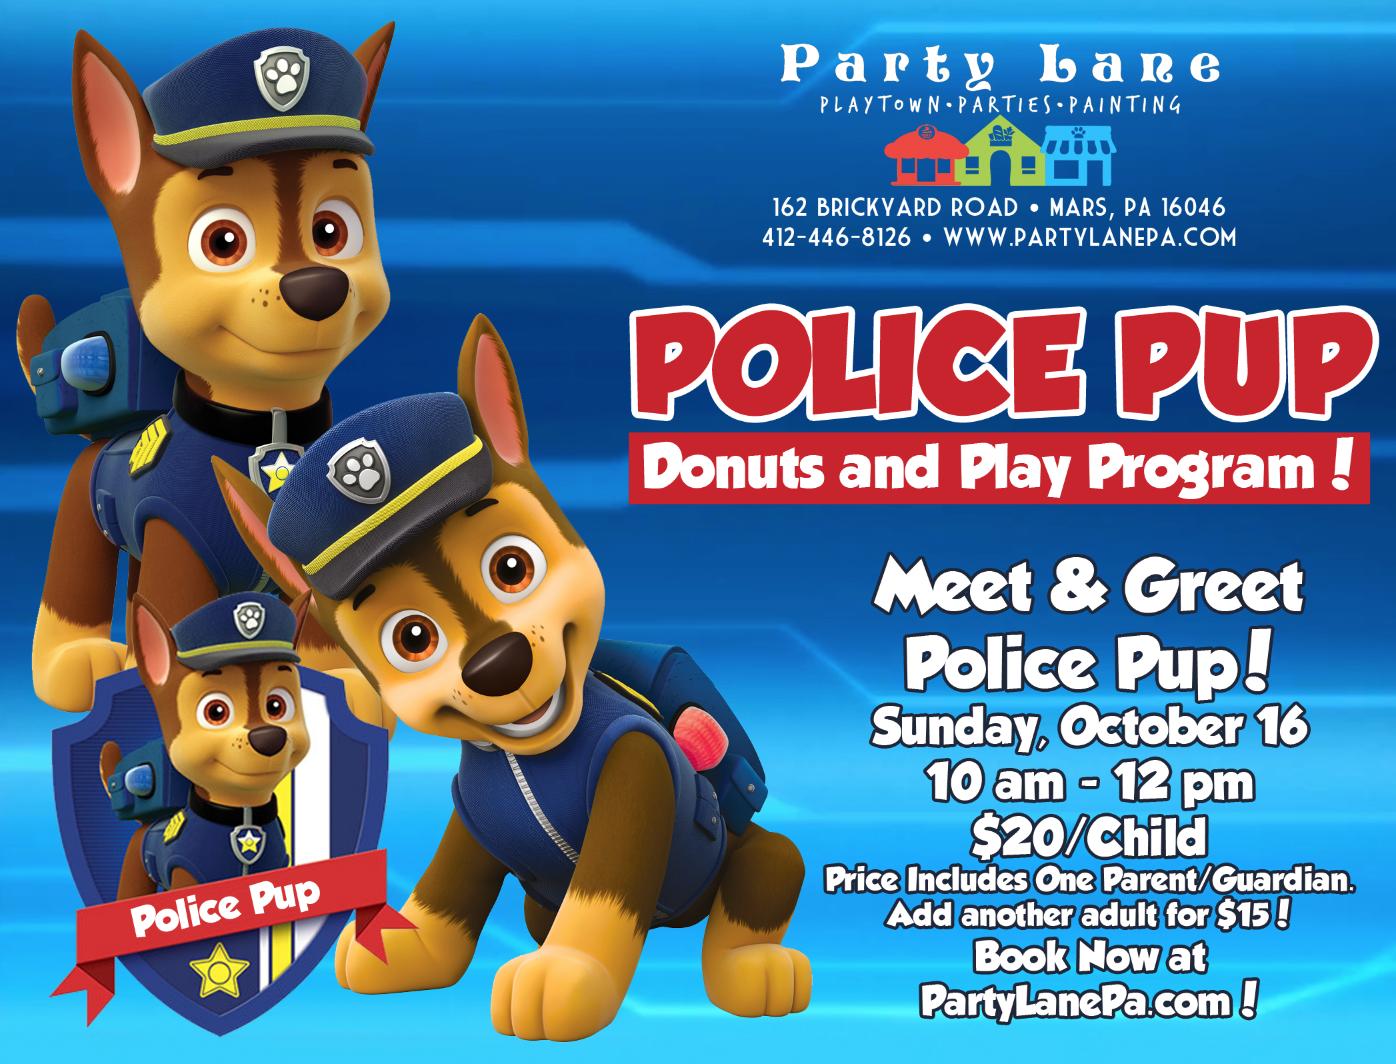 PolicePup